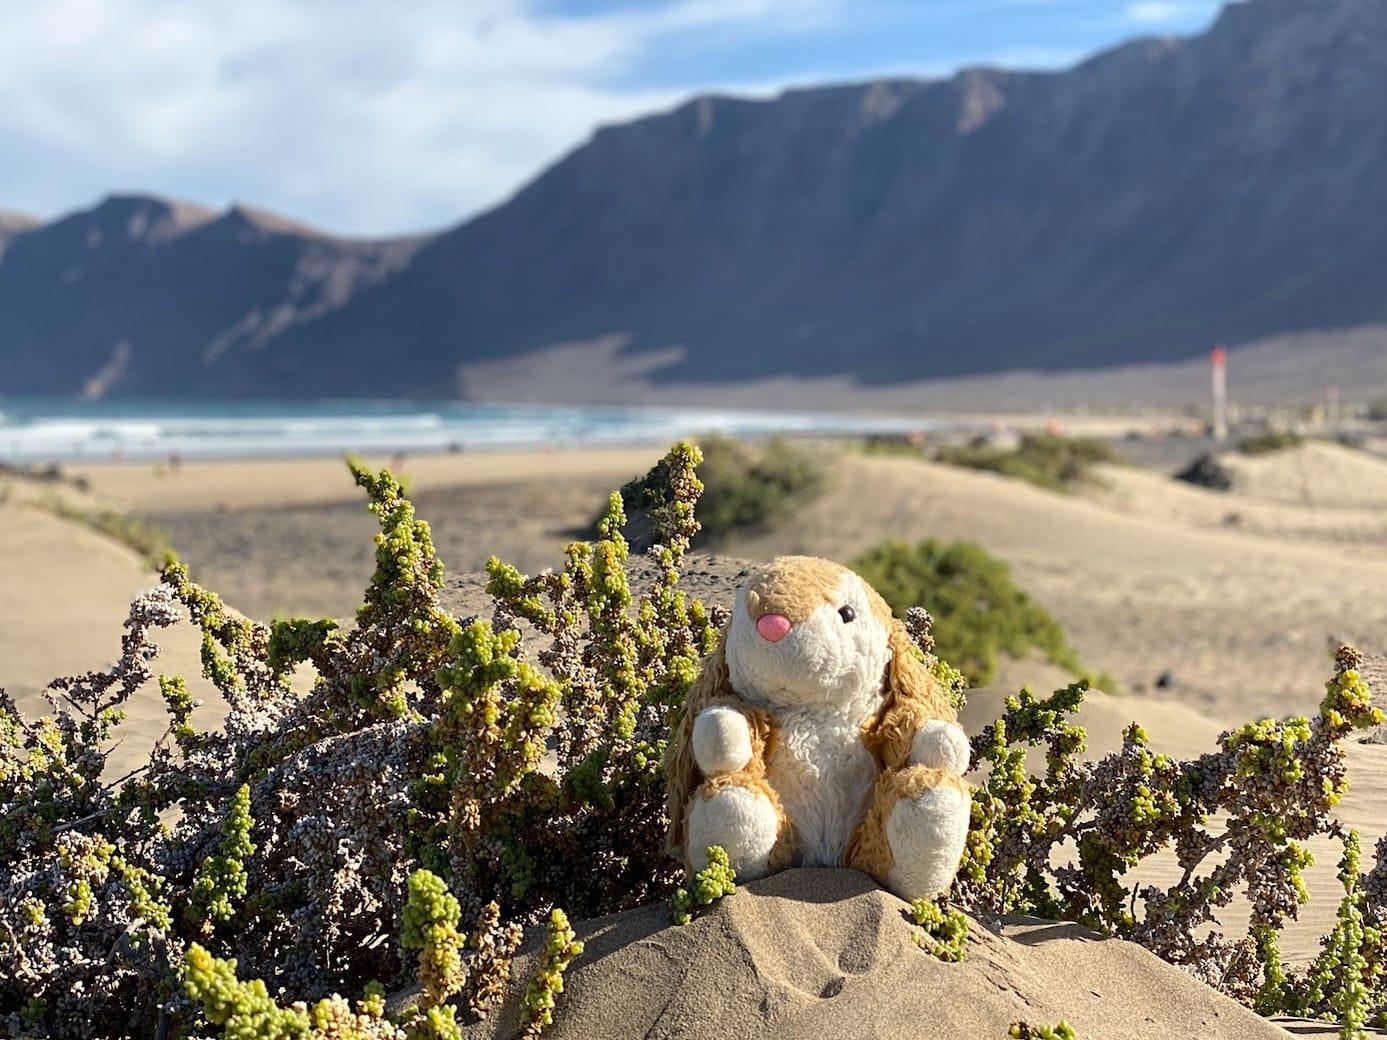 Exploring Lanzarote's beaches